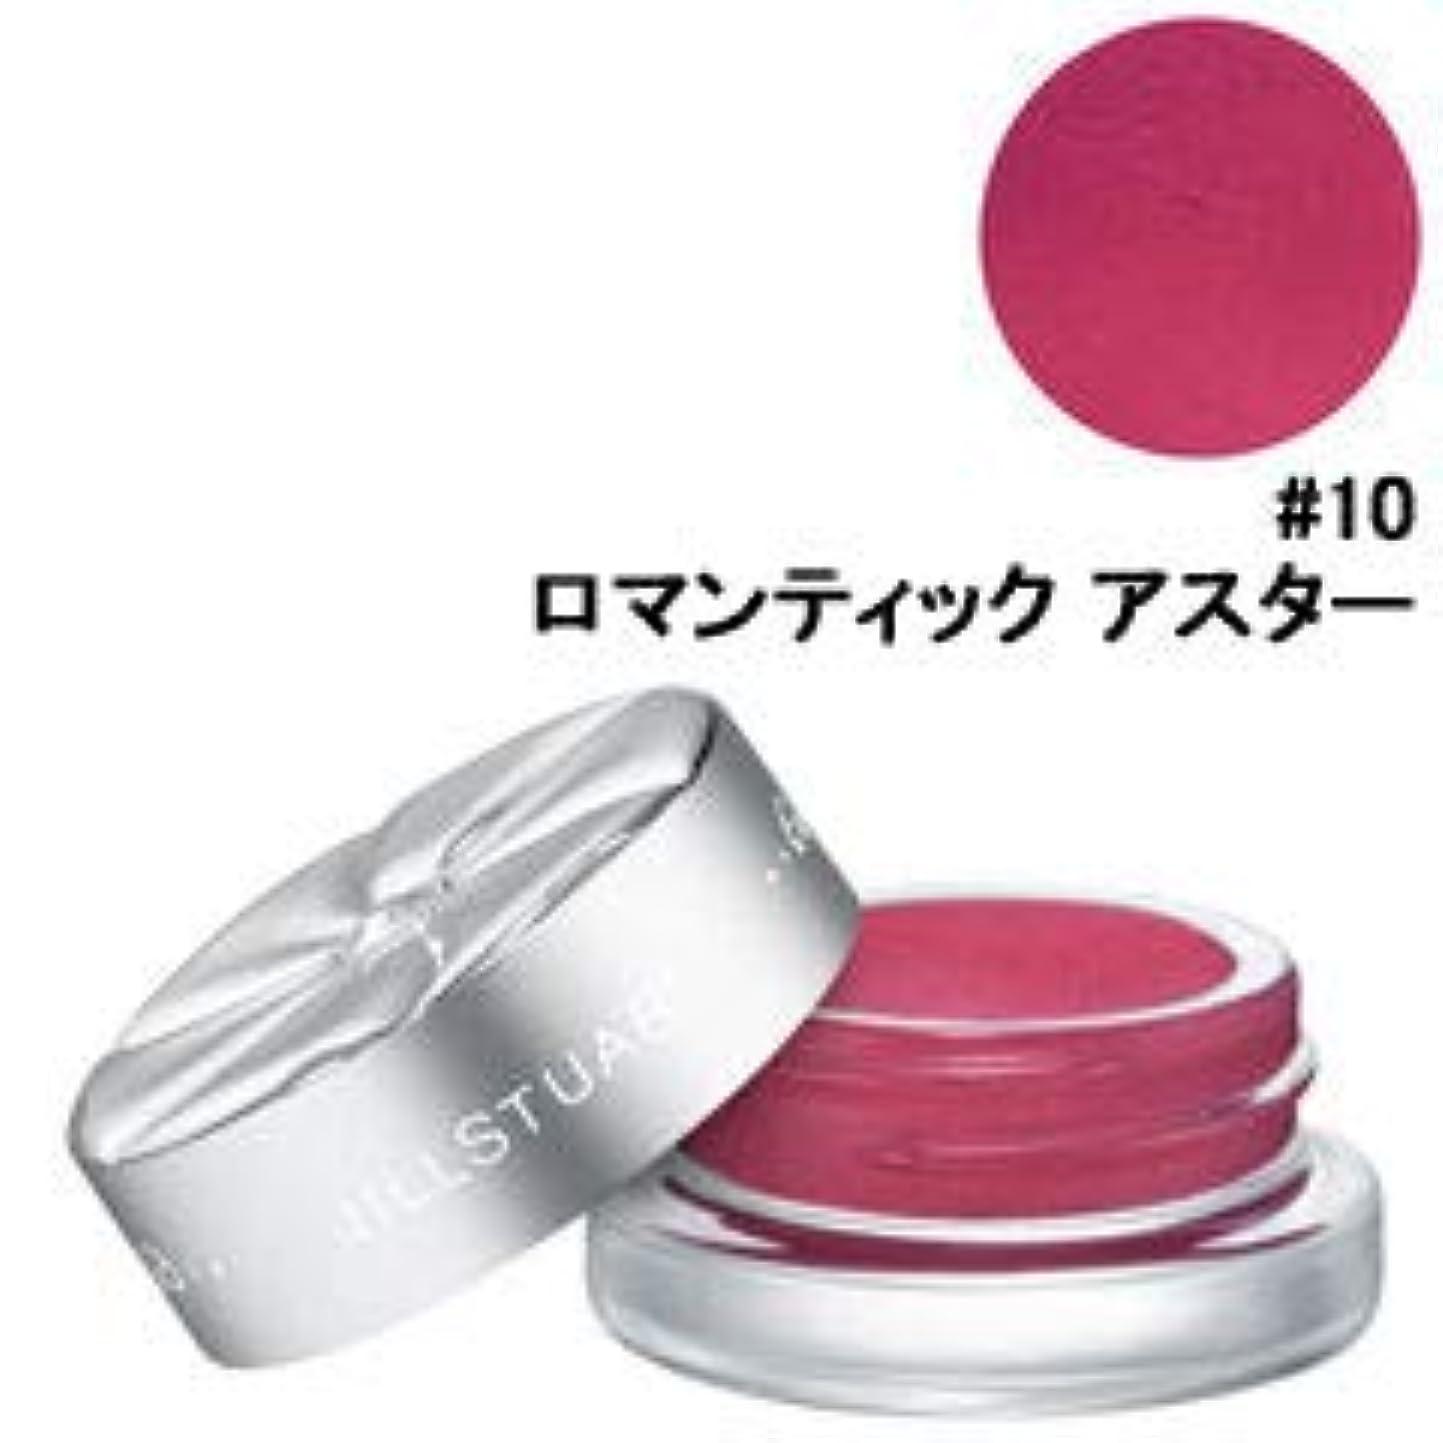 離す検出器高度【ジルスチュアート】チーク&アイブロッサム #10 ロマンティック アスター 4g